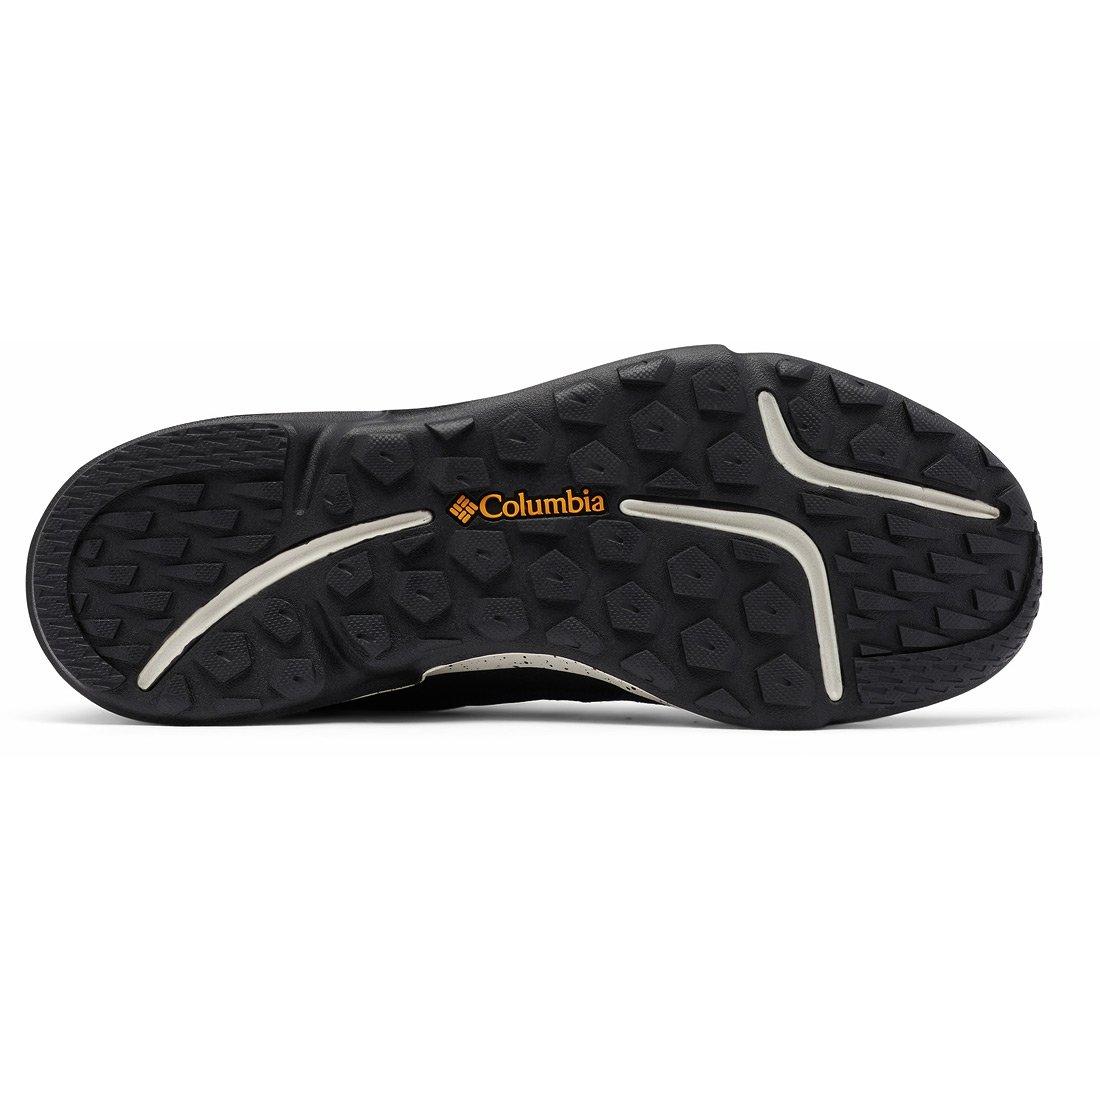 נעליי multi-sport לגברים - Vitesse Slip - Columbia